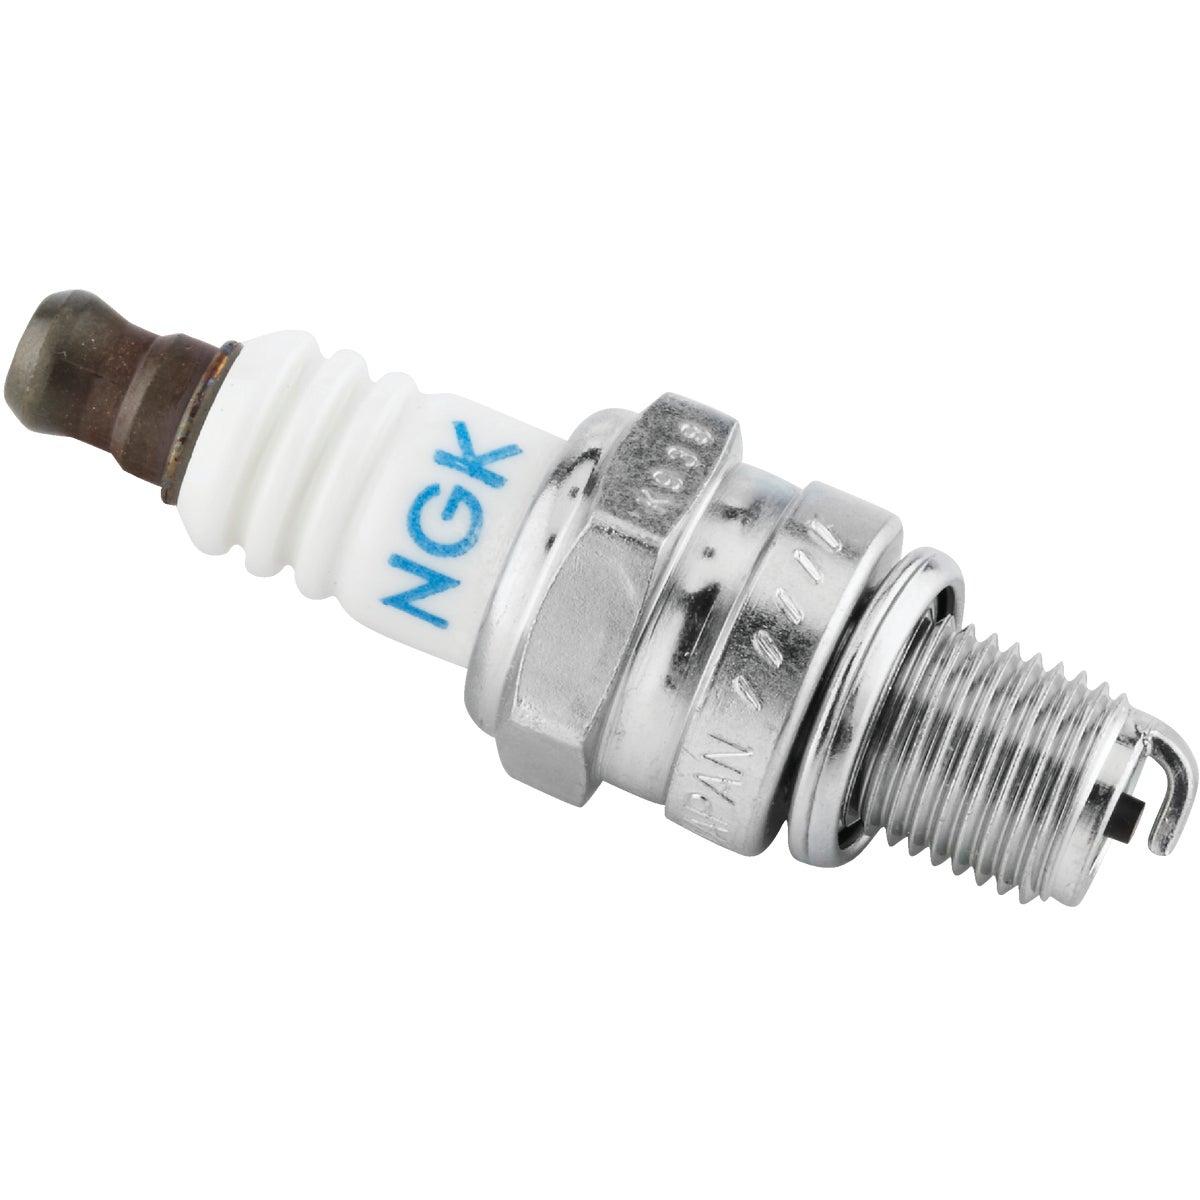 Cmr6H Blyb Spark Plug